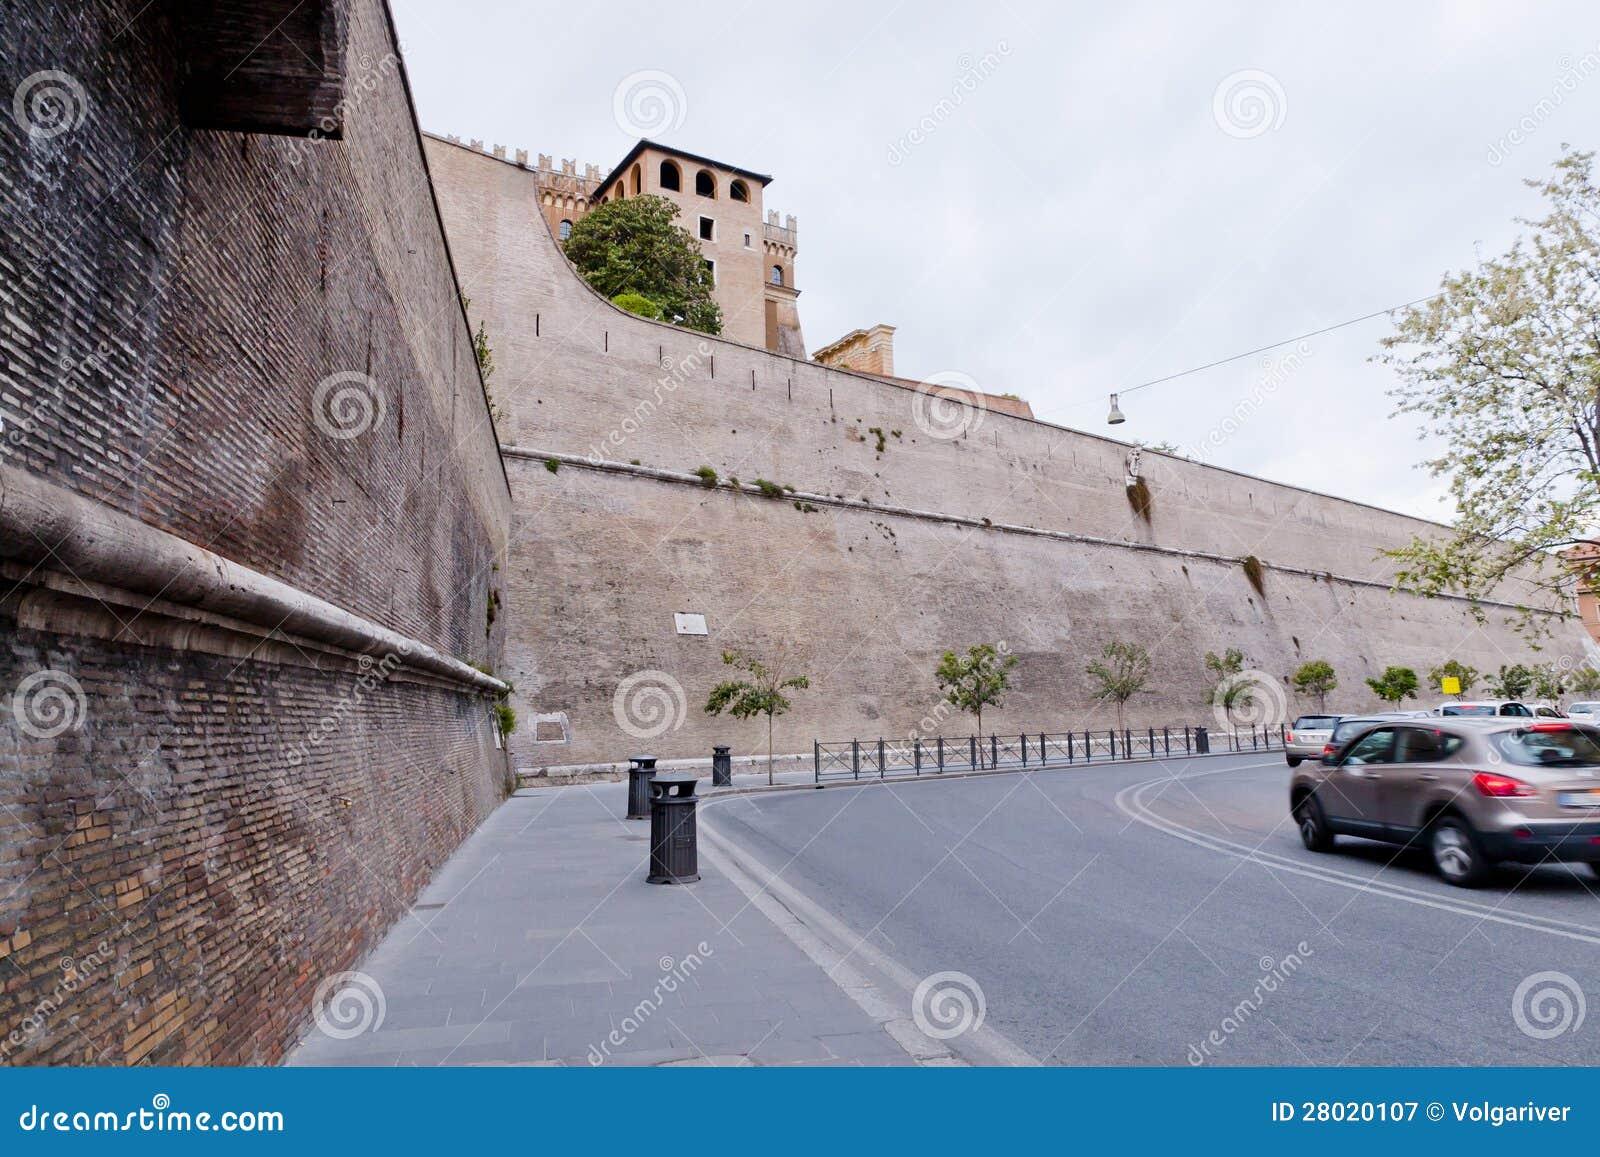 Vatican walls.